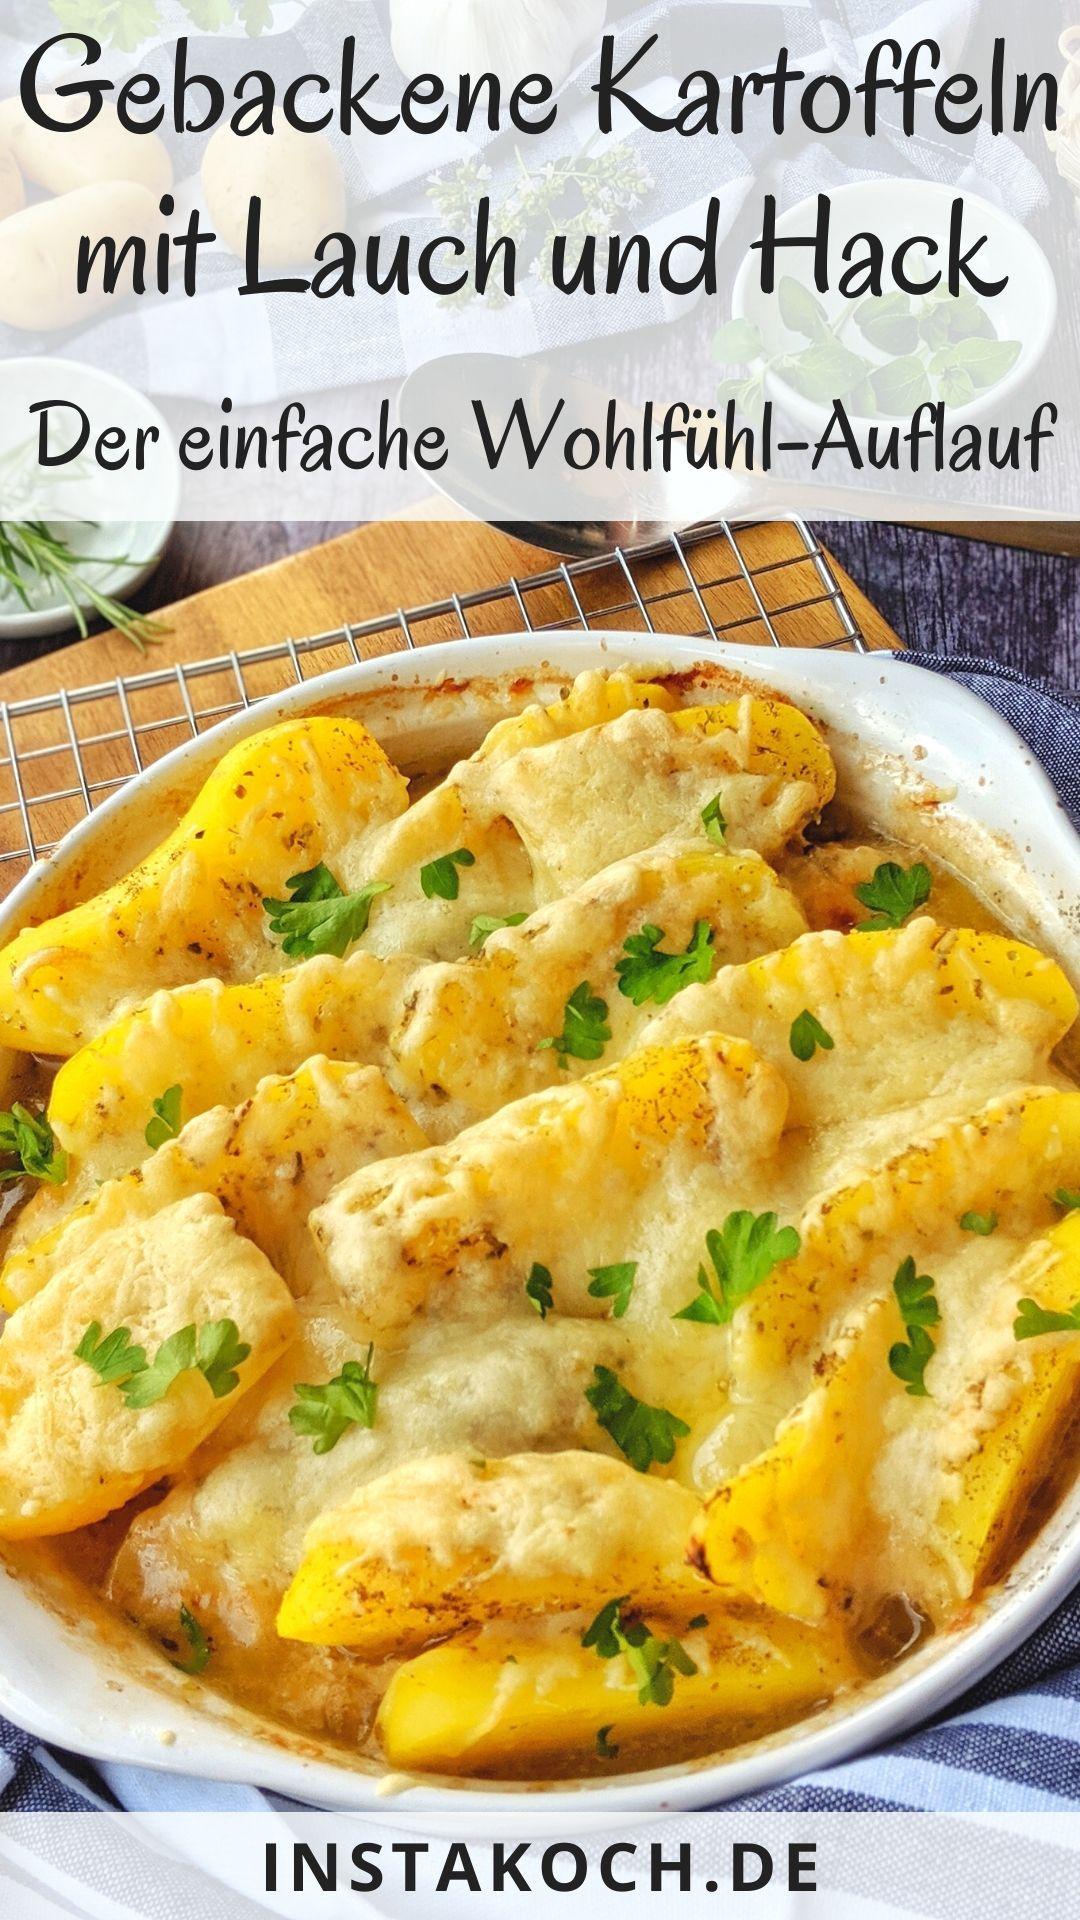 Gebackene Kartoffeln mit Lauch und Hack - Total lecker